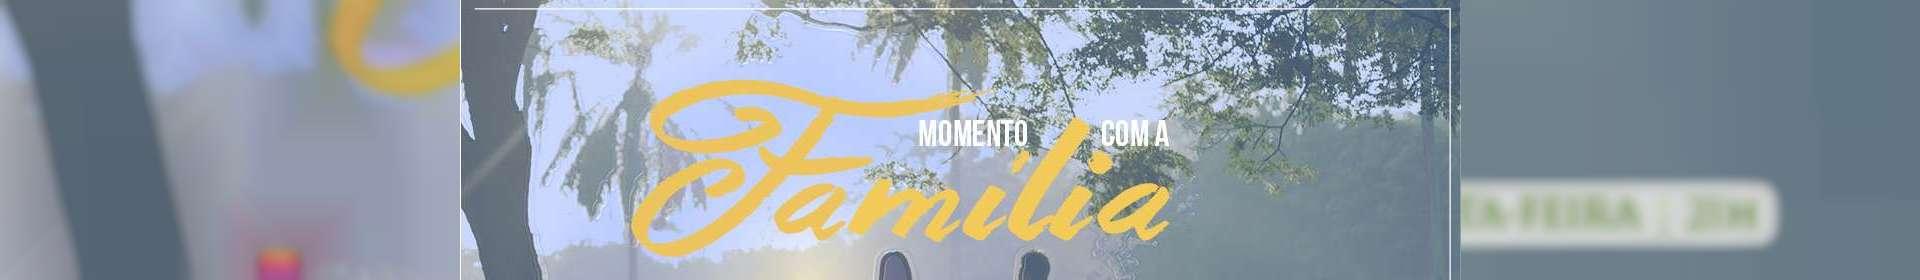 Momento com a Família - 09/08/2019